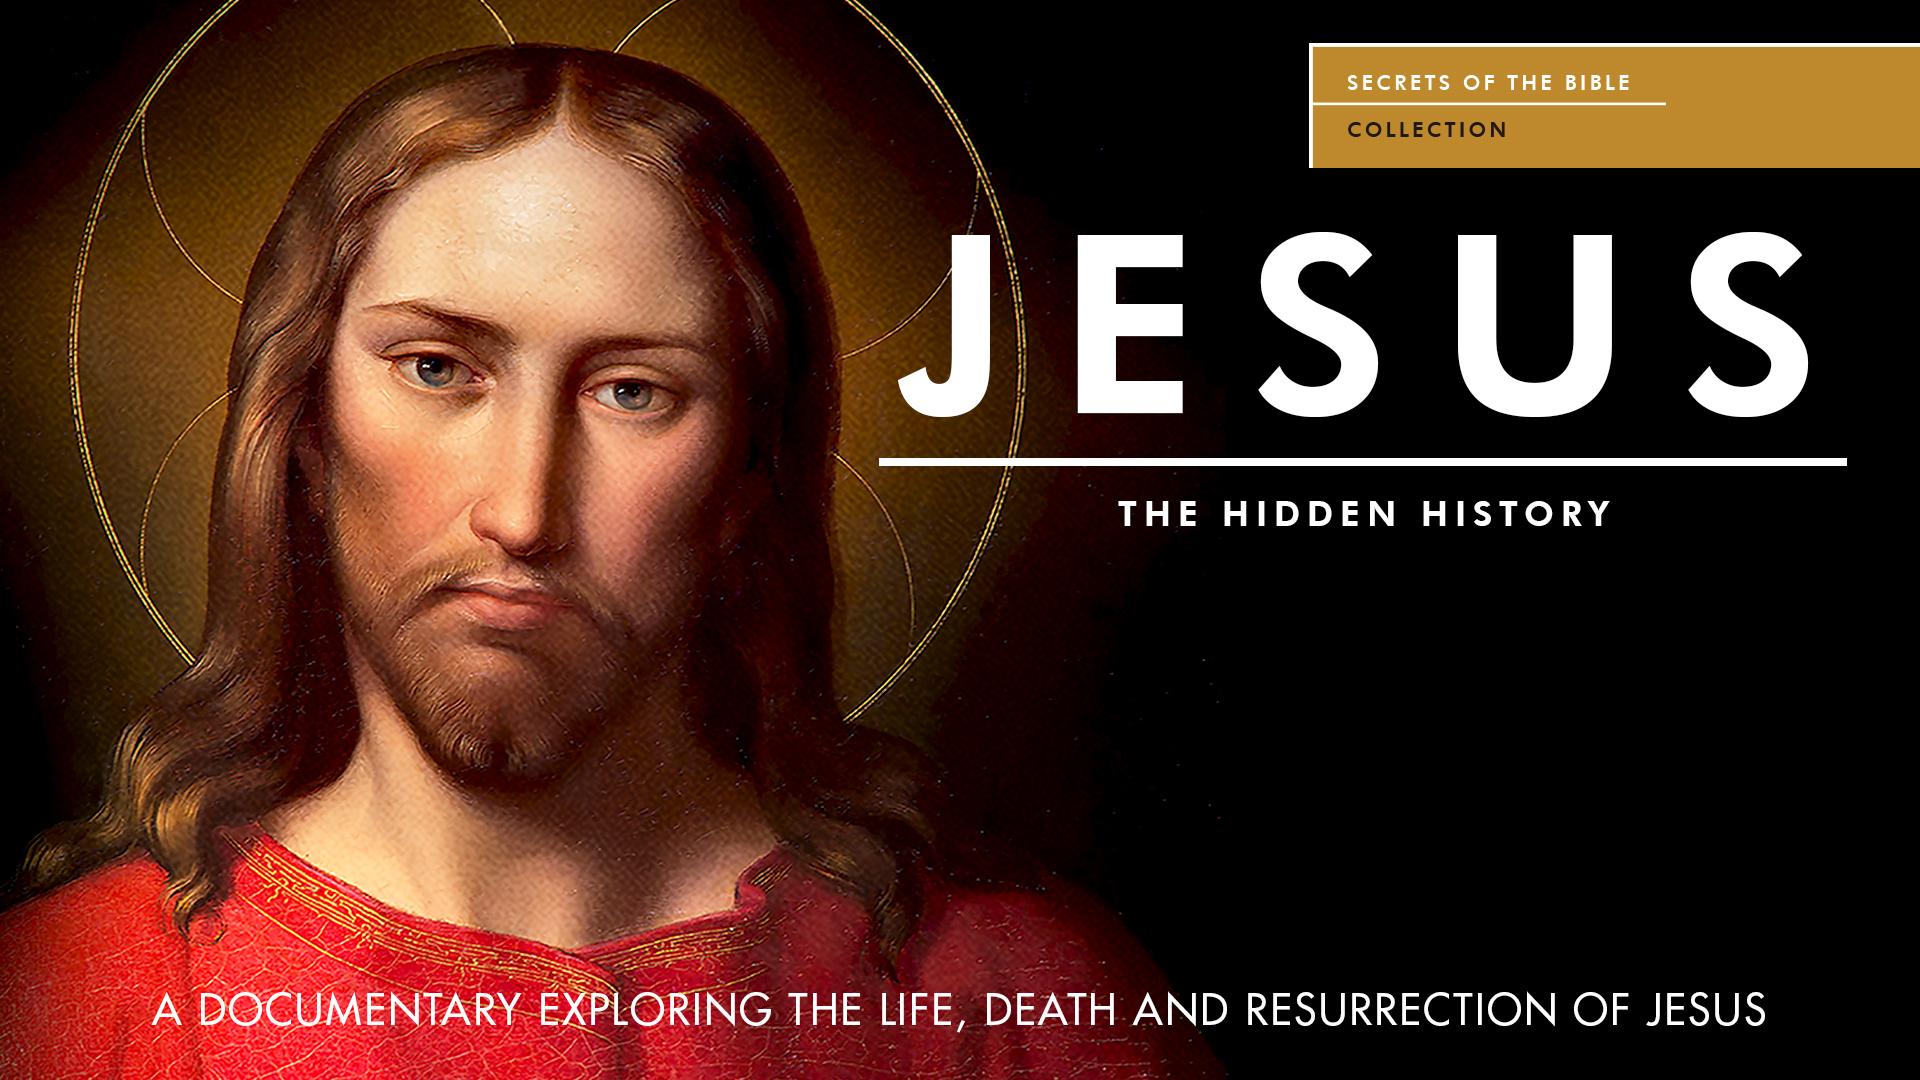 Jesus: The Hidden History